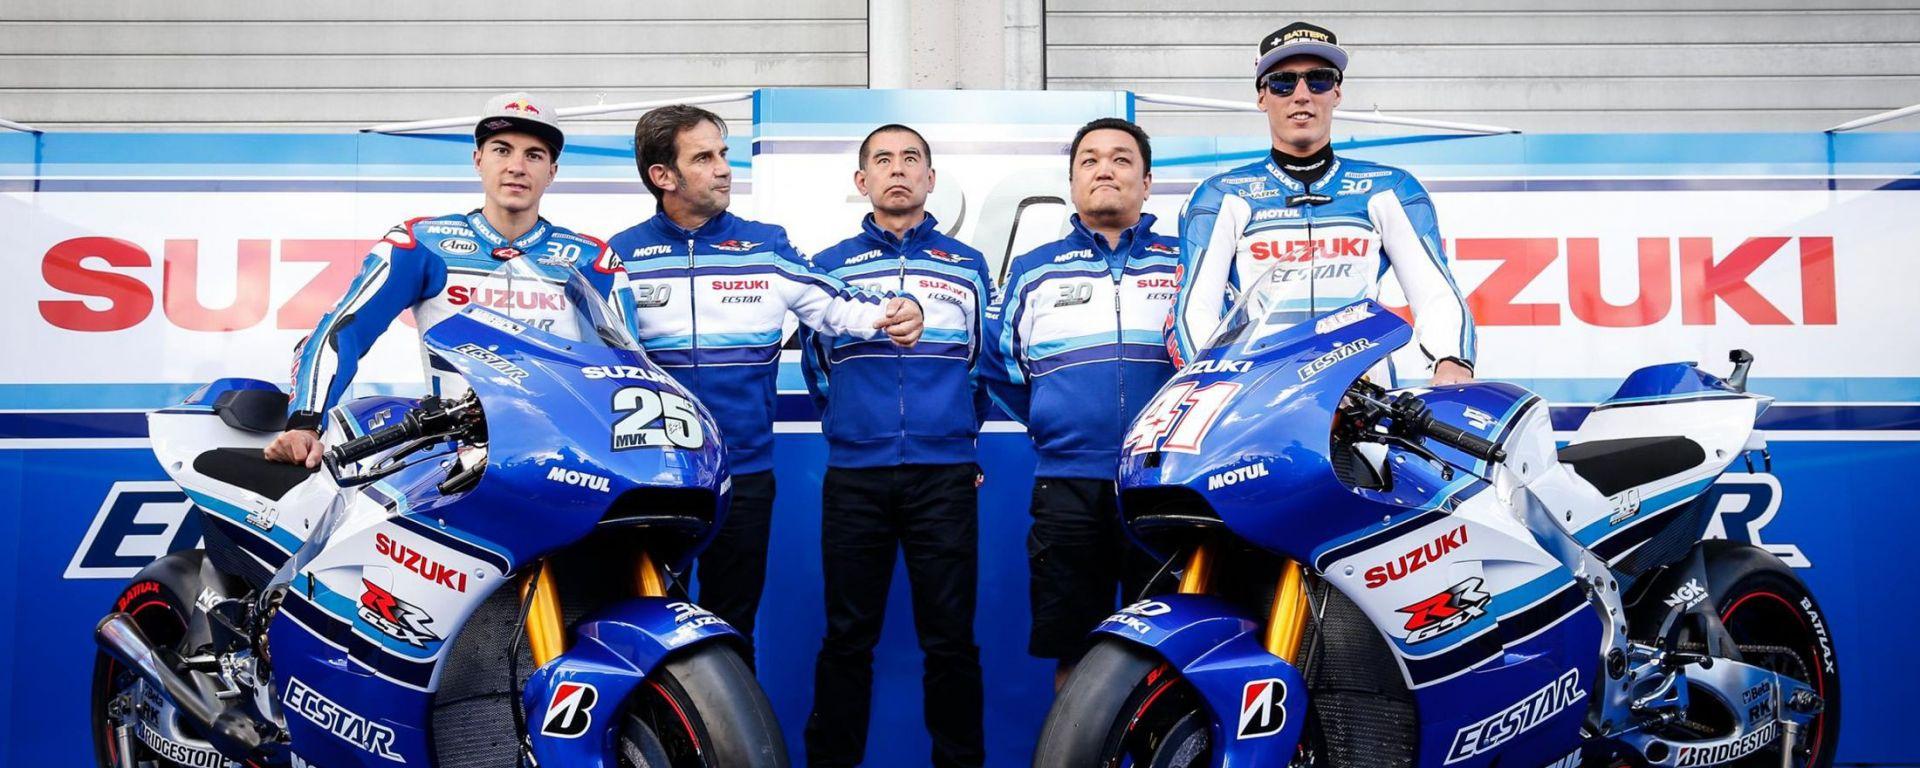 Team Suzuki Ecstar 2016